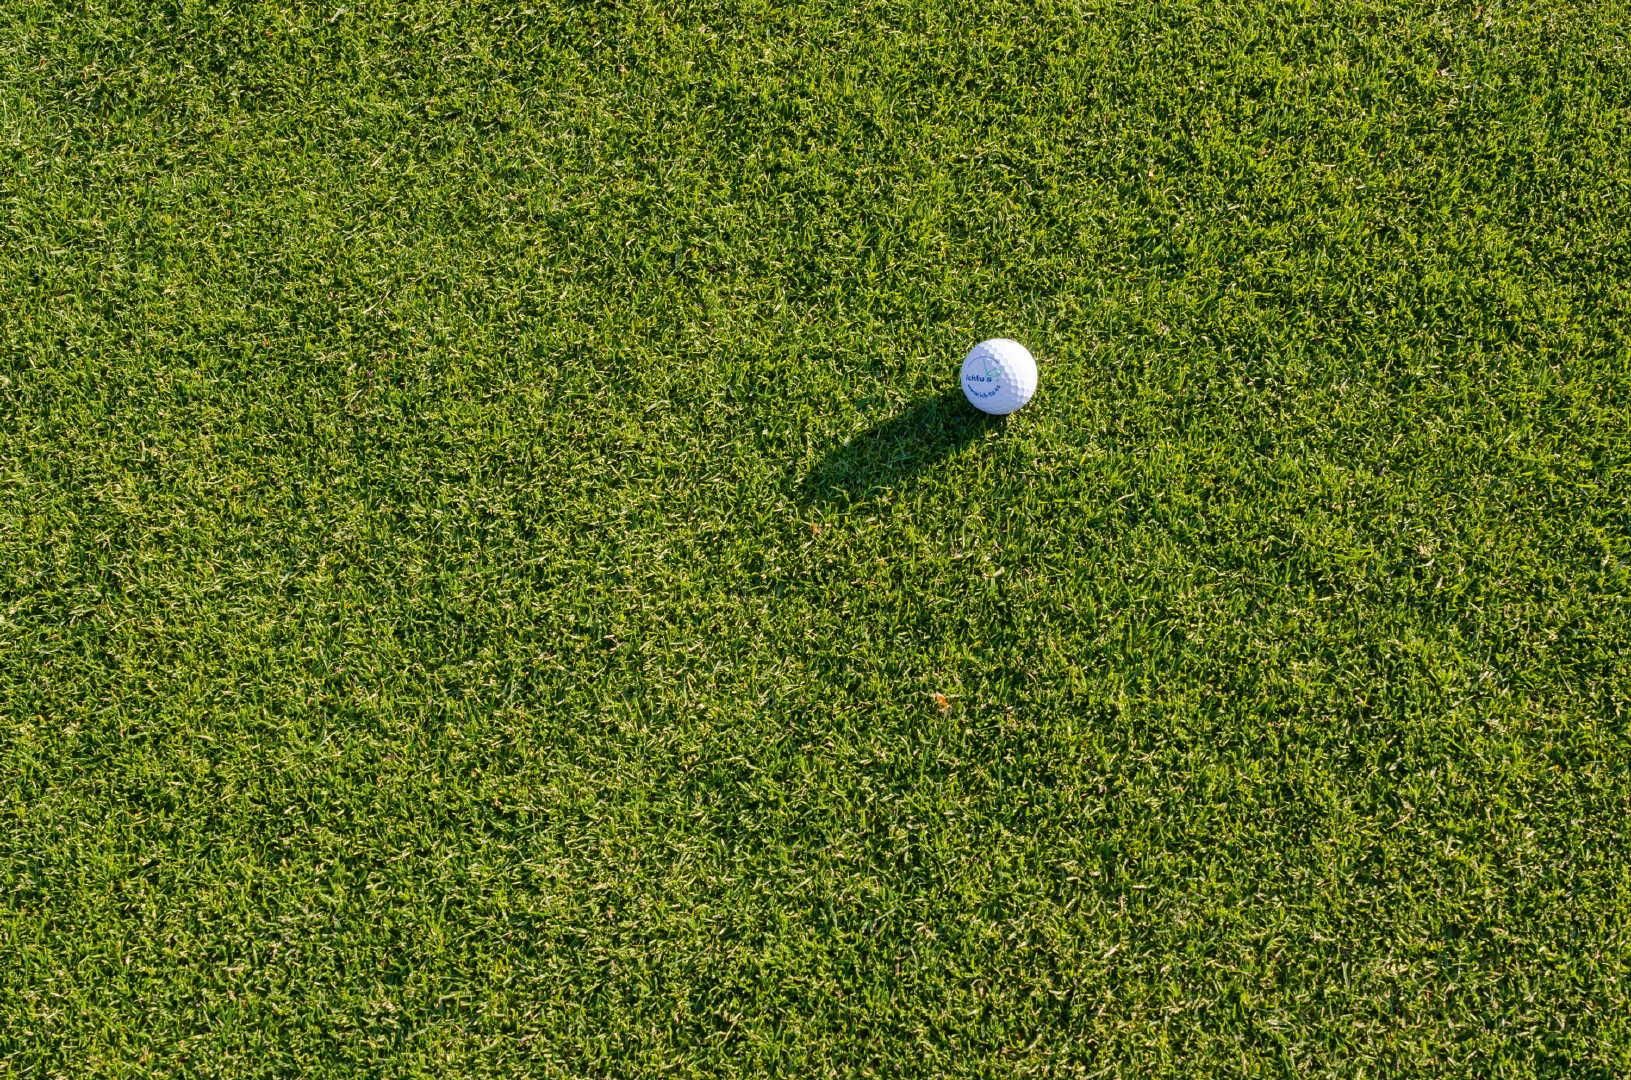 高尔夫场地上白色高尔夫球高清特写图集